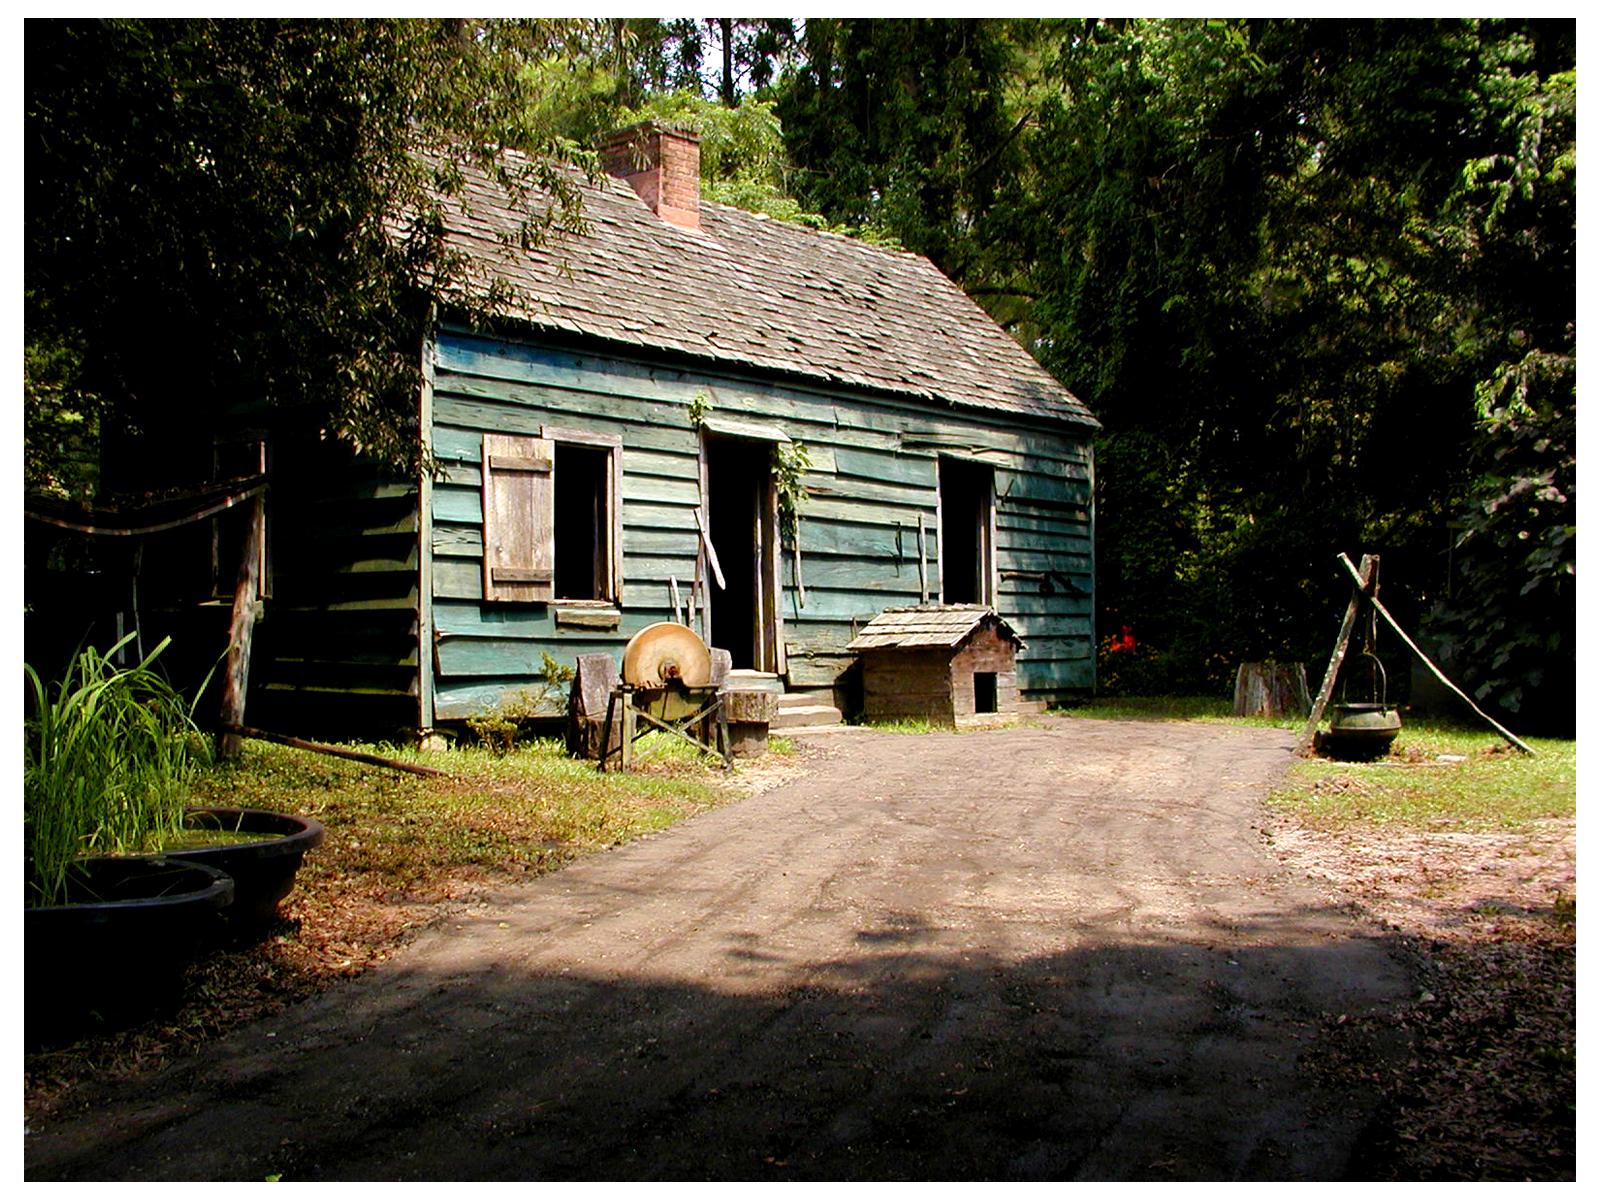 Slave Quarter Museum at Magnolia Gardens, South Carolina